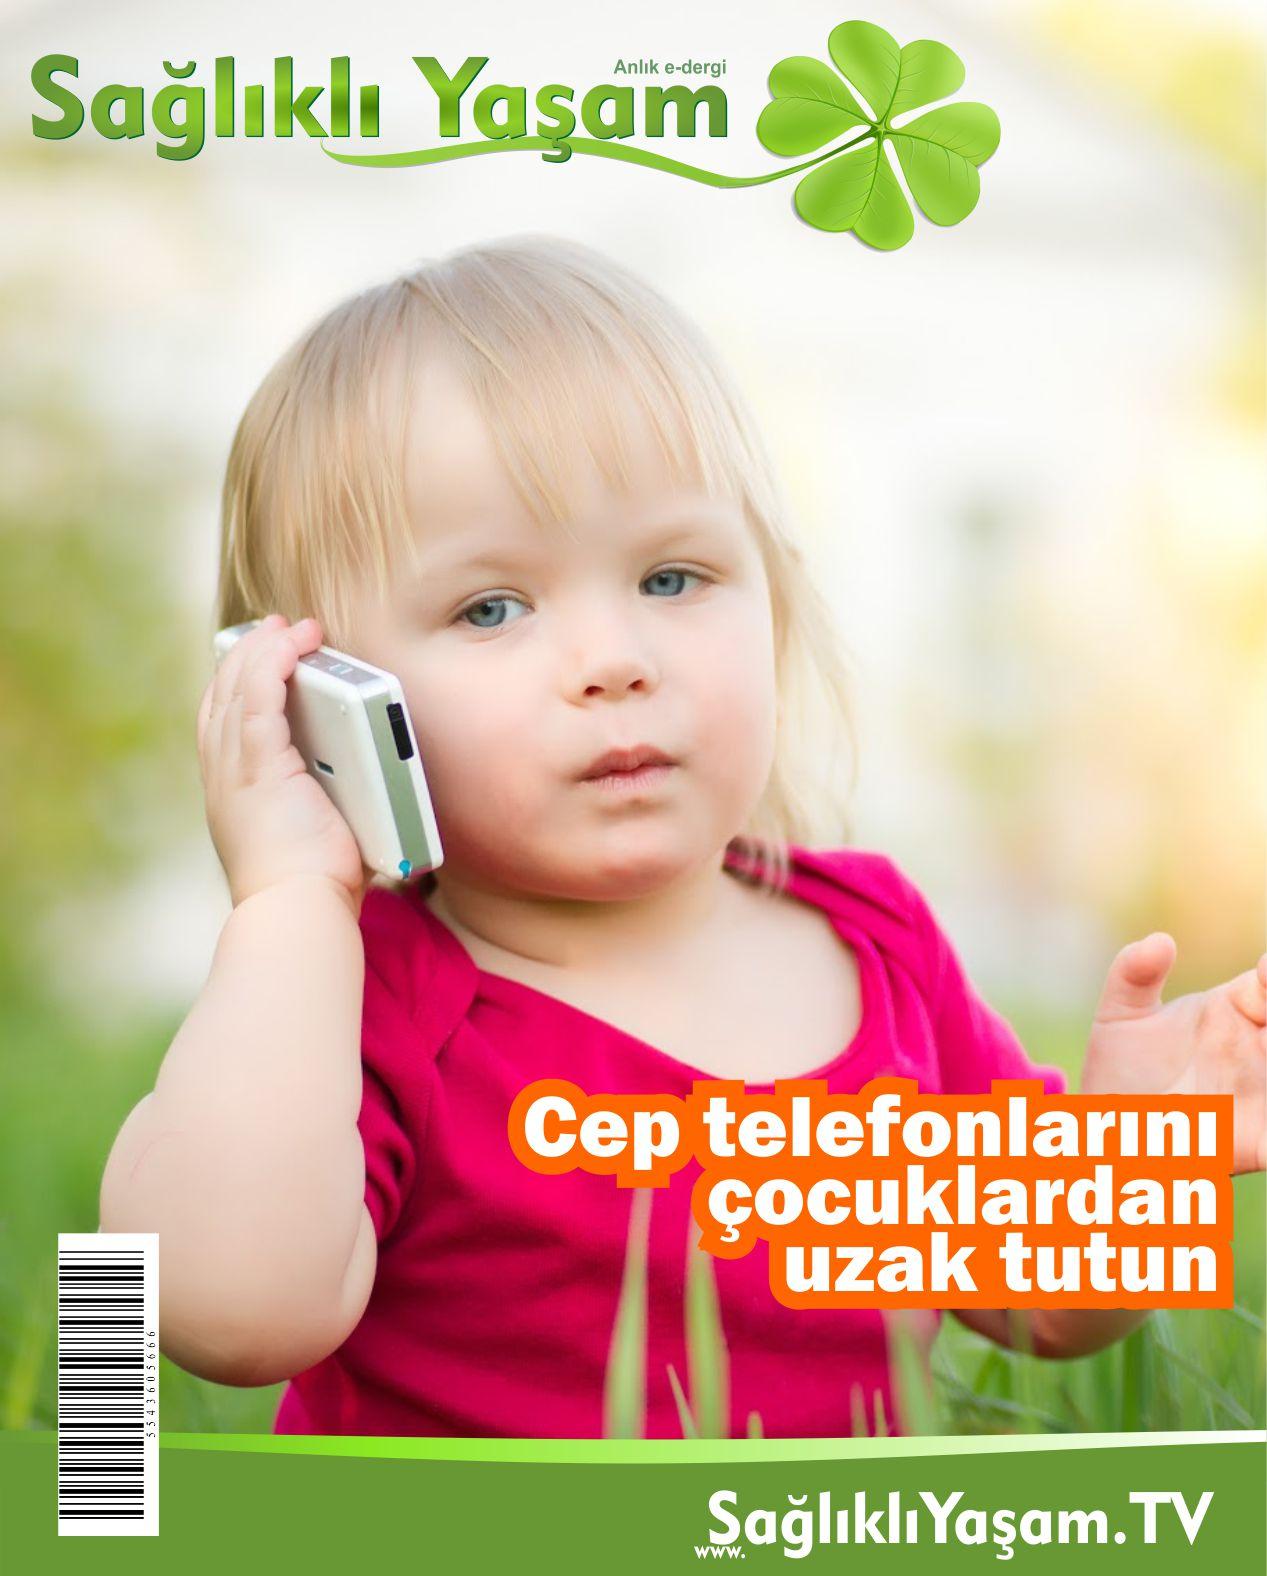 Cep telefonlarını çocuklardan uzak tutun